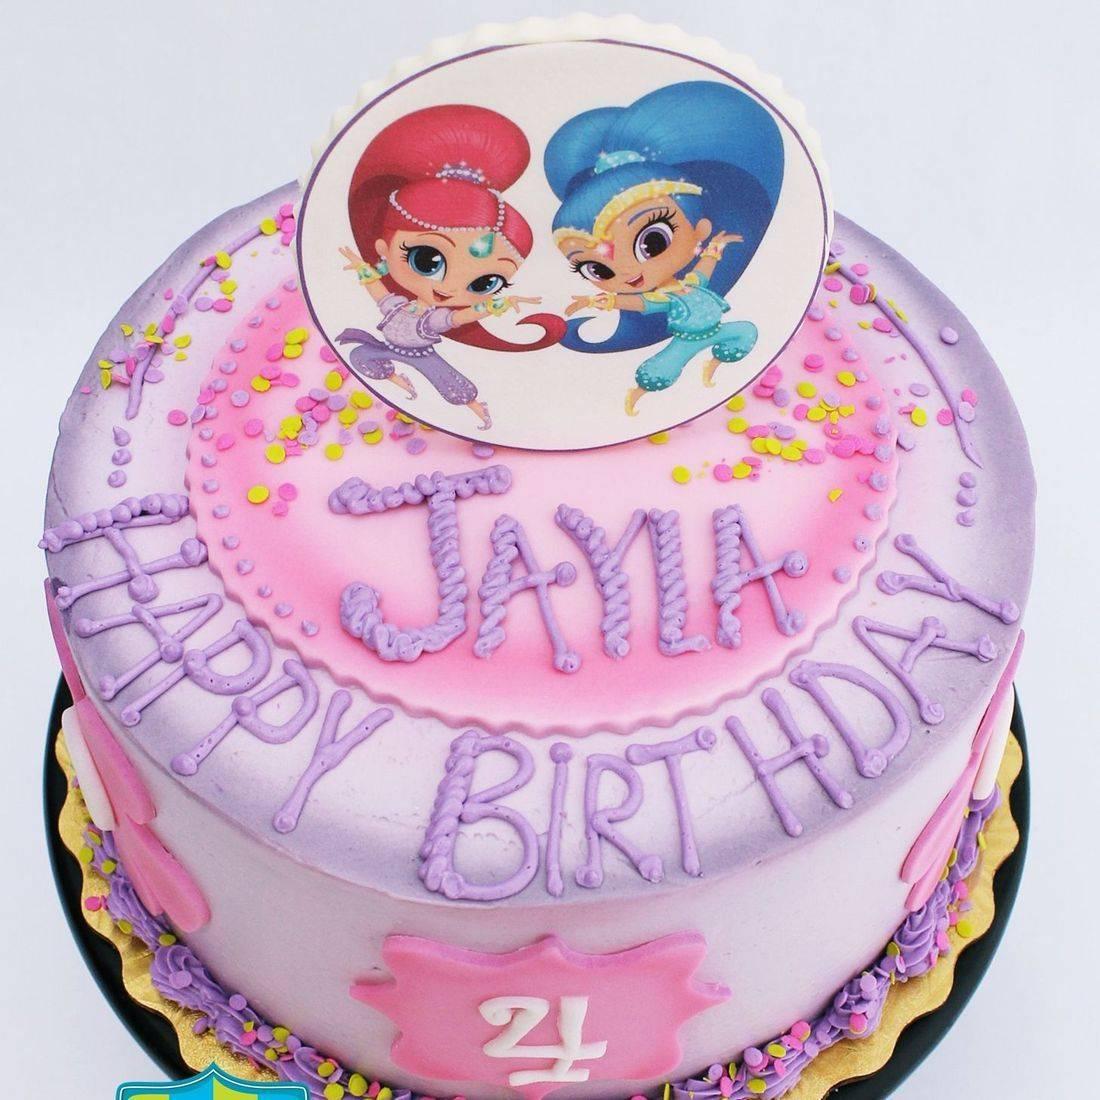 Girly stylized cakes milwaukeeRetirement Fishing Cake